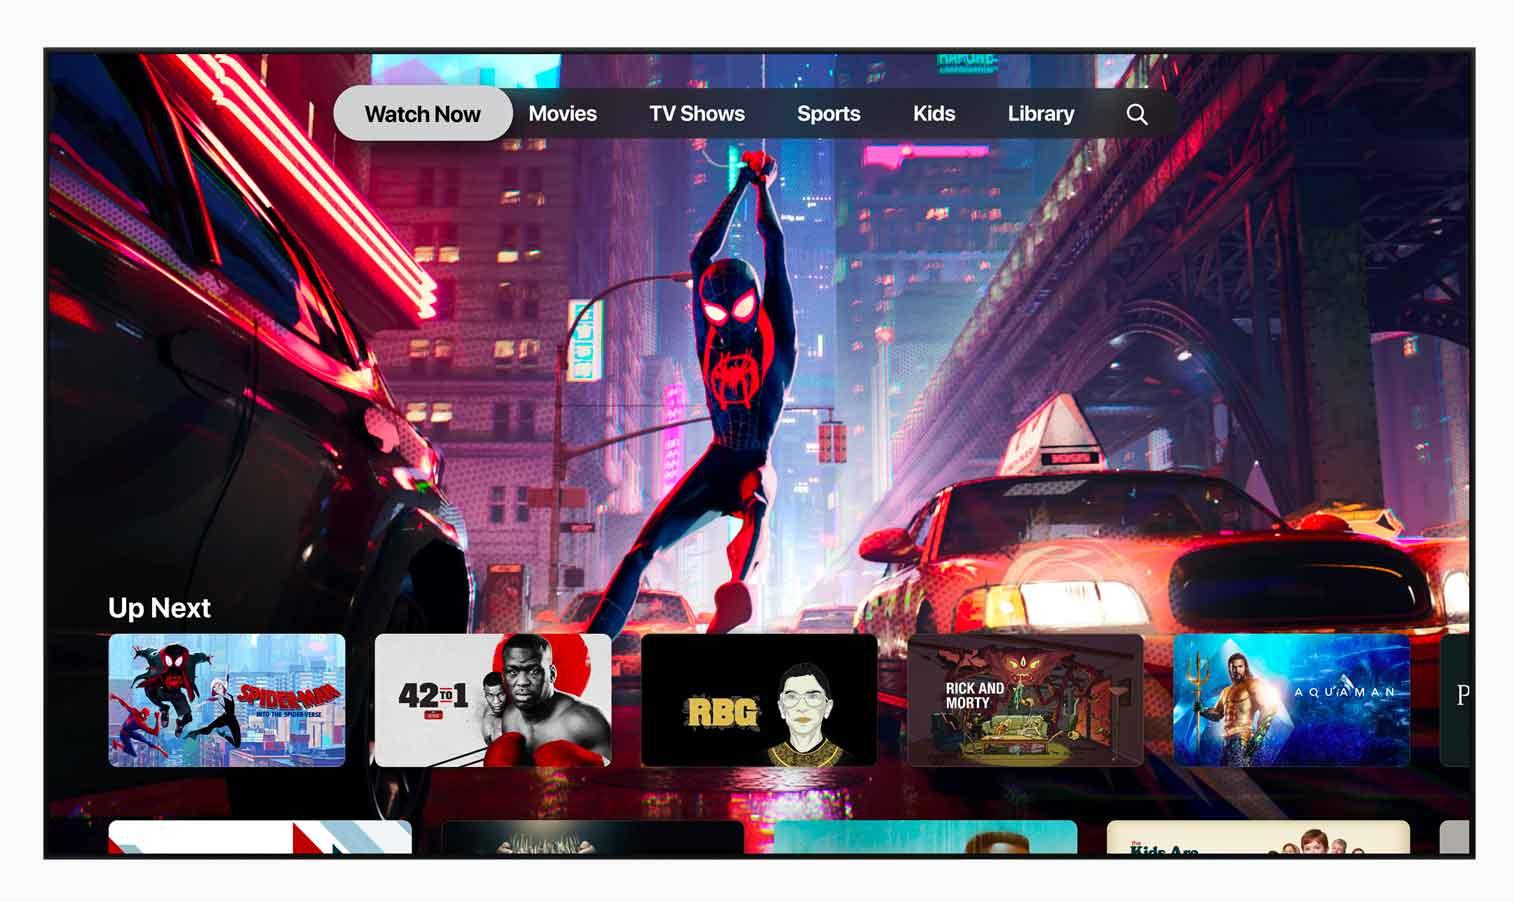 A partire da maggio, sarà possibile abbonarsi ai propri canali preferiti, scegliendoli tra gli Apple TV Channels, e guardarli nell'app Apple TV.